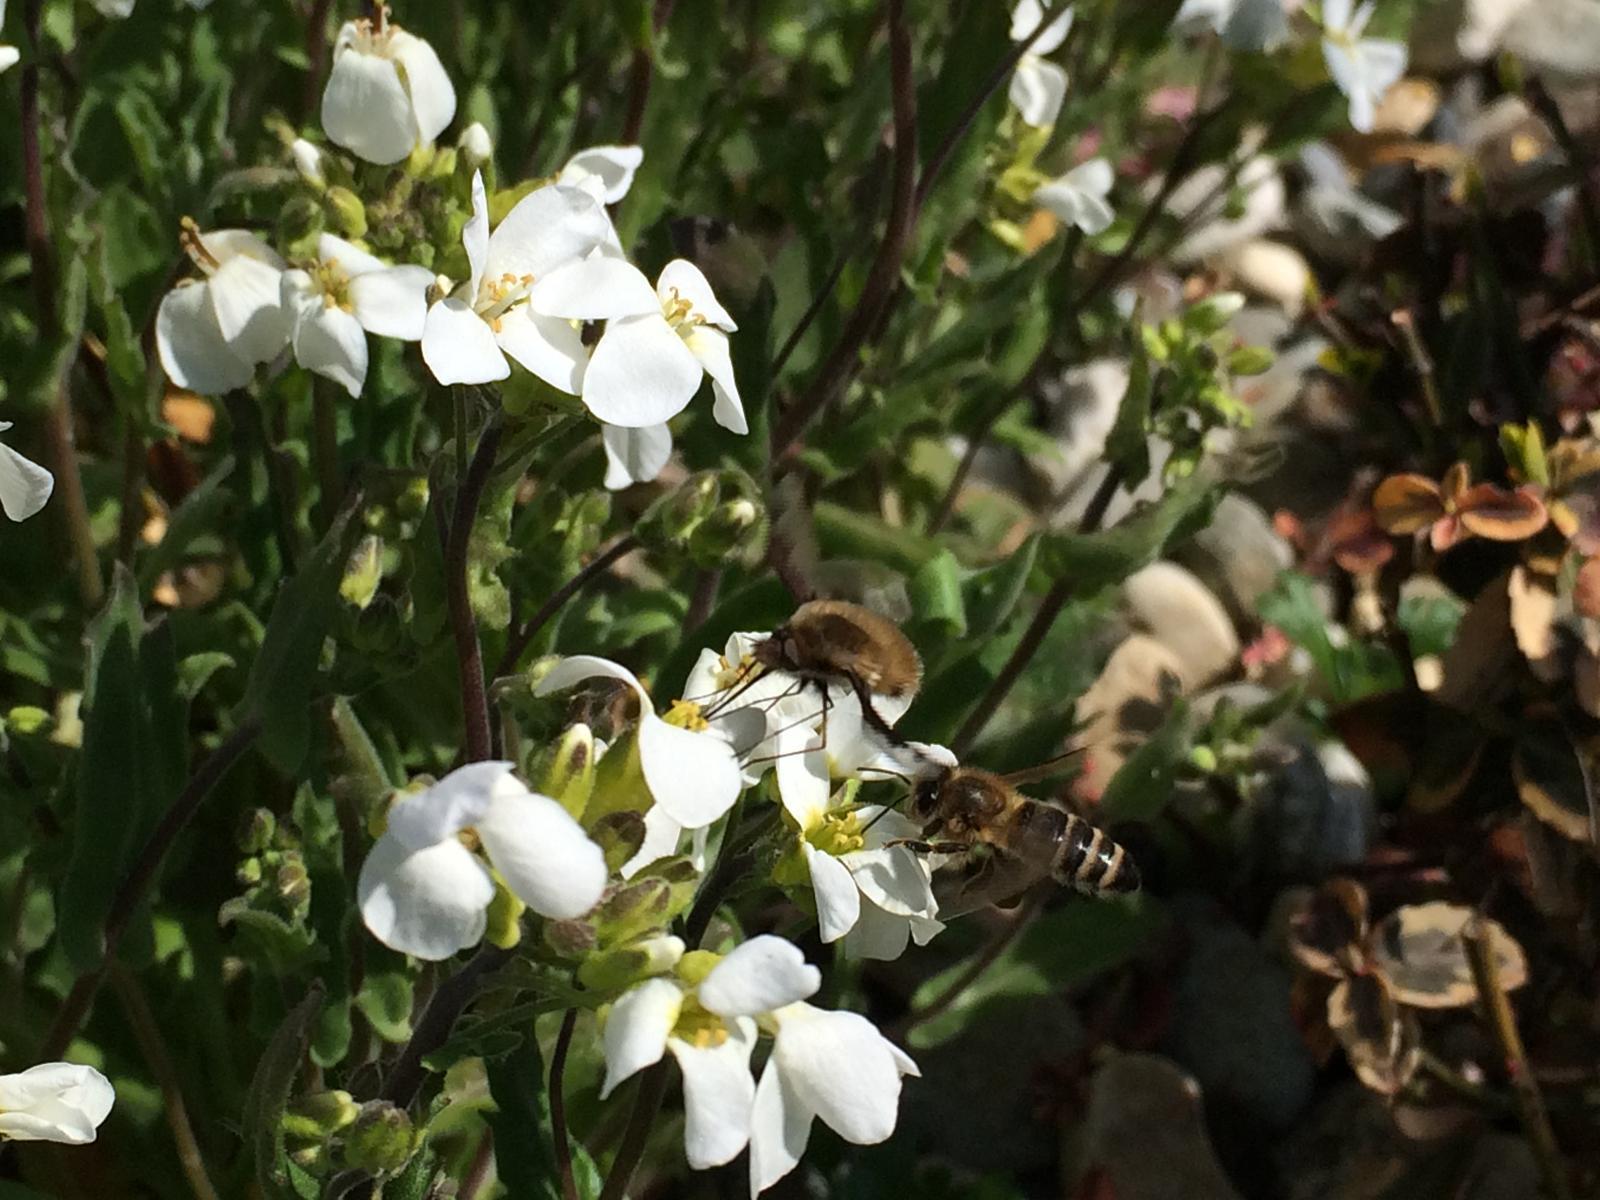 Dům i Zahrada 2019 - Tohle se mi asi zase hned tak nepovede vyfotit, včela a myslím, že mladá dlouhozobka... najednou